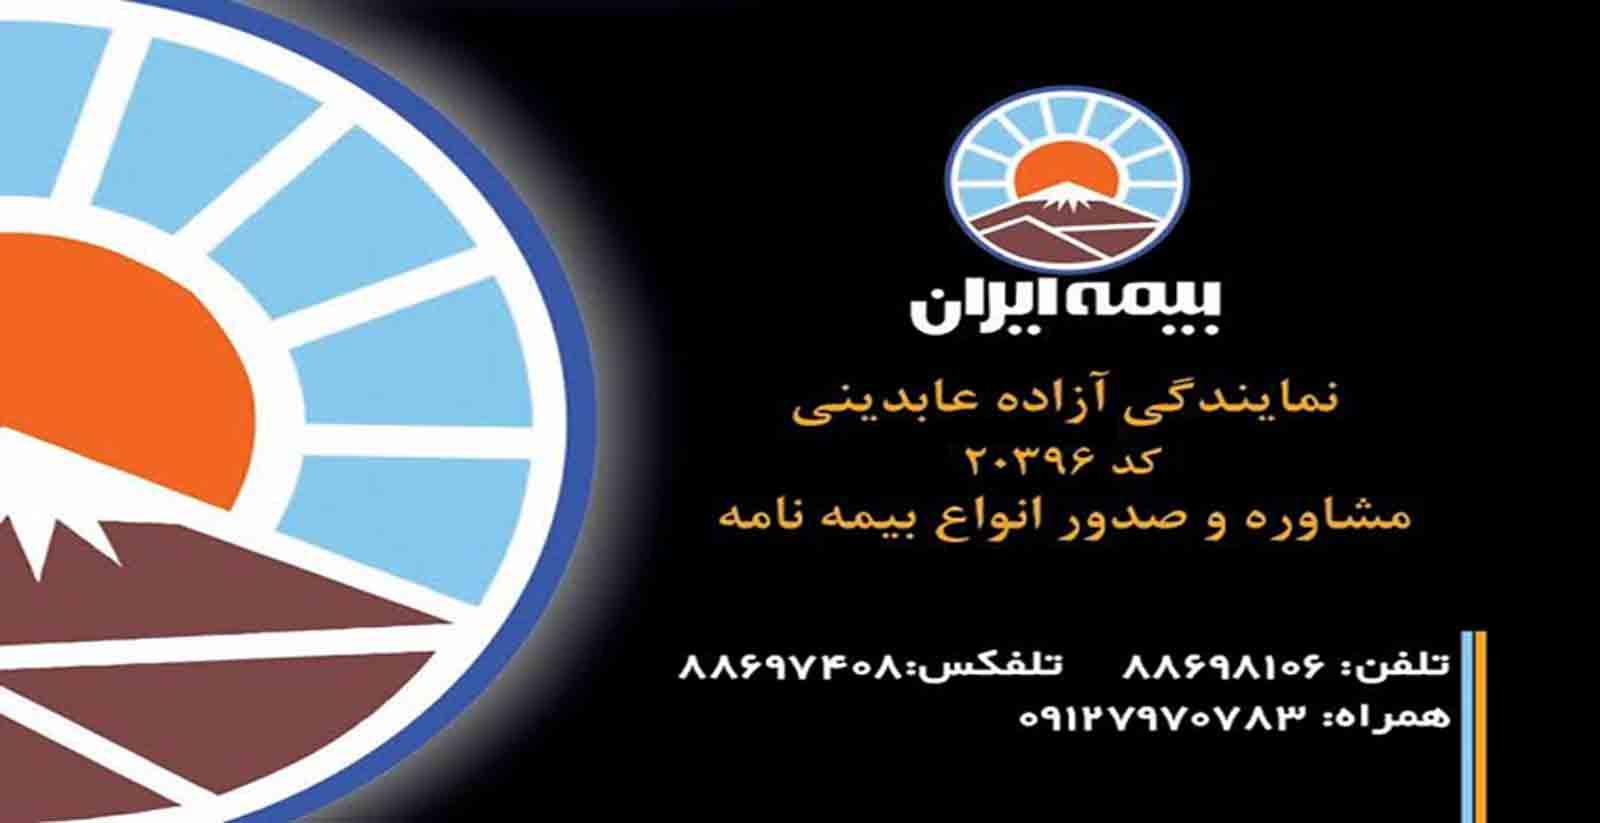 نمایندگی بیمه ایران عابدینی کد ۲۰۳۹۶